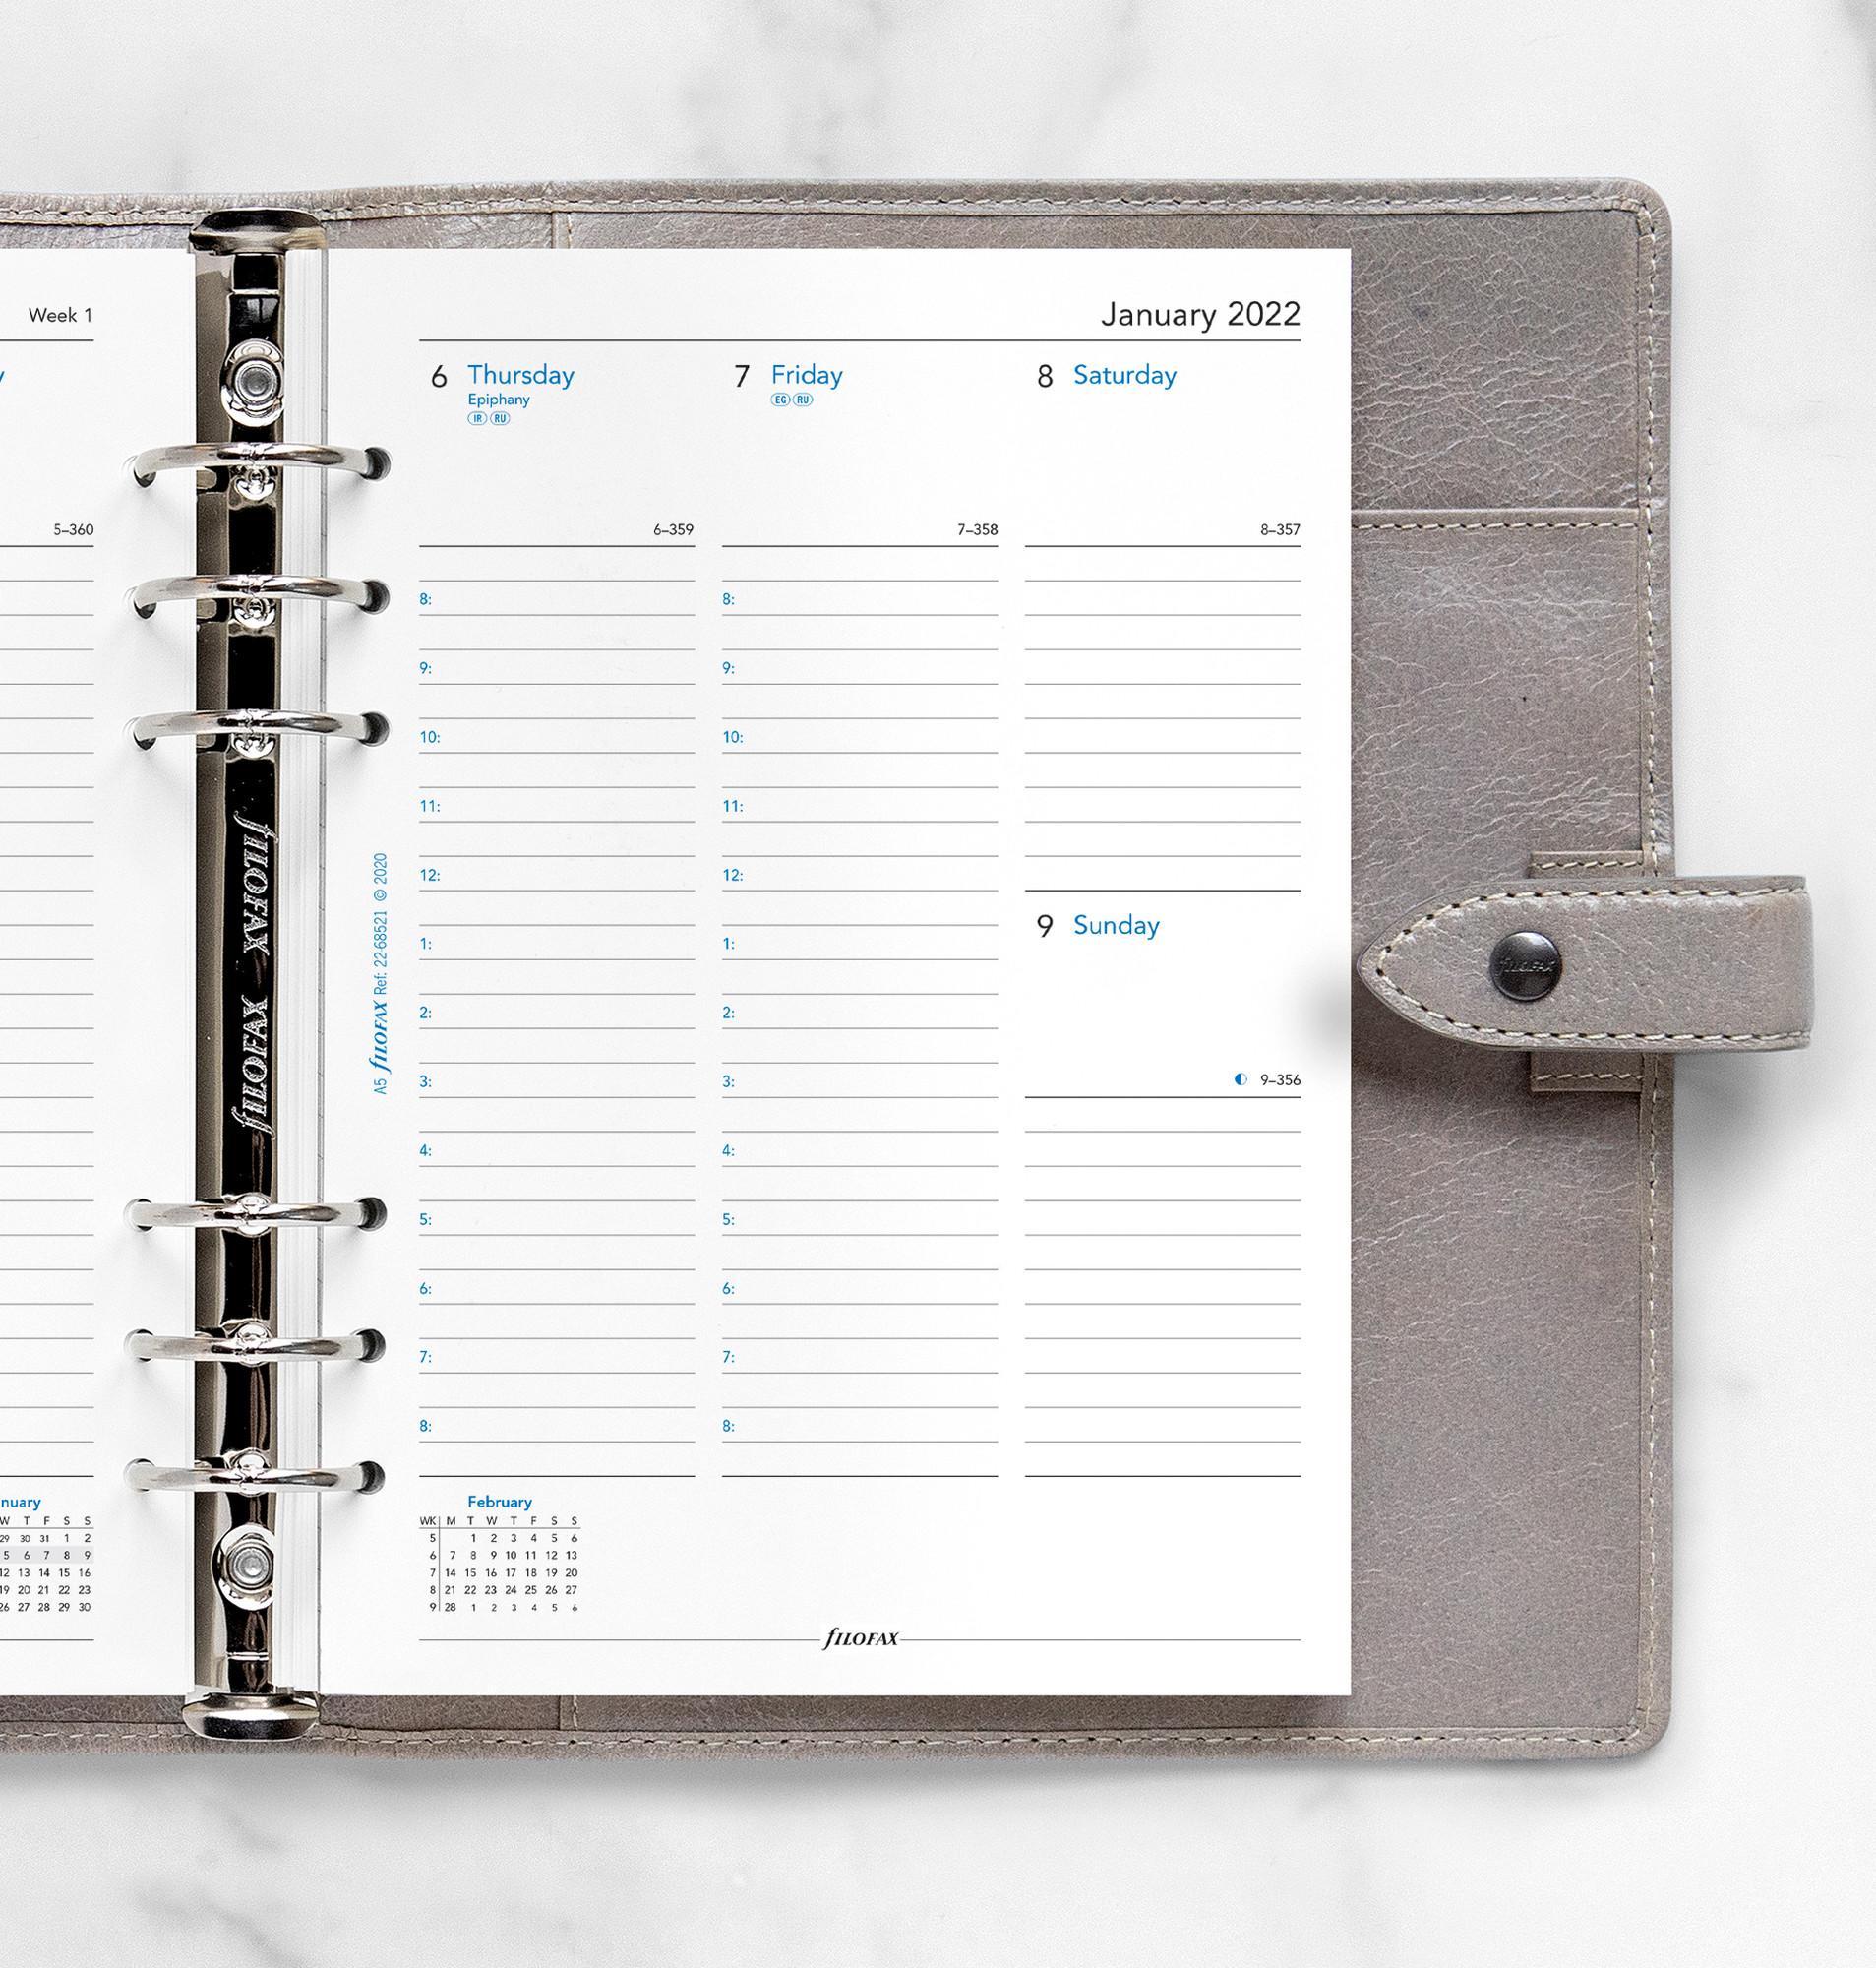 Rezerva hartie saptamanala datata pe 2 pagini A5 compatibila cu Agendele Organiser si cu Clipbook-urile FILOFAX